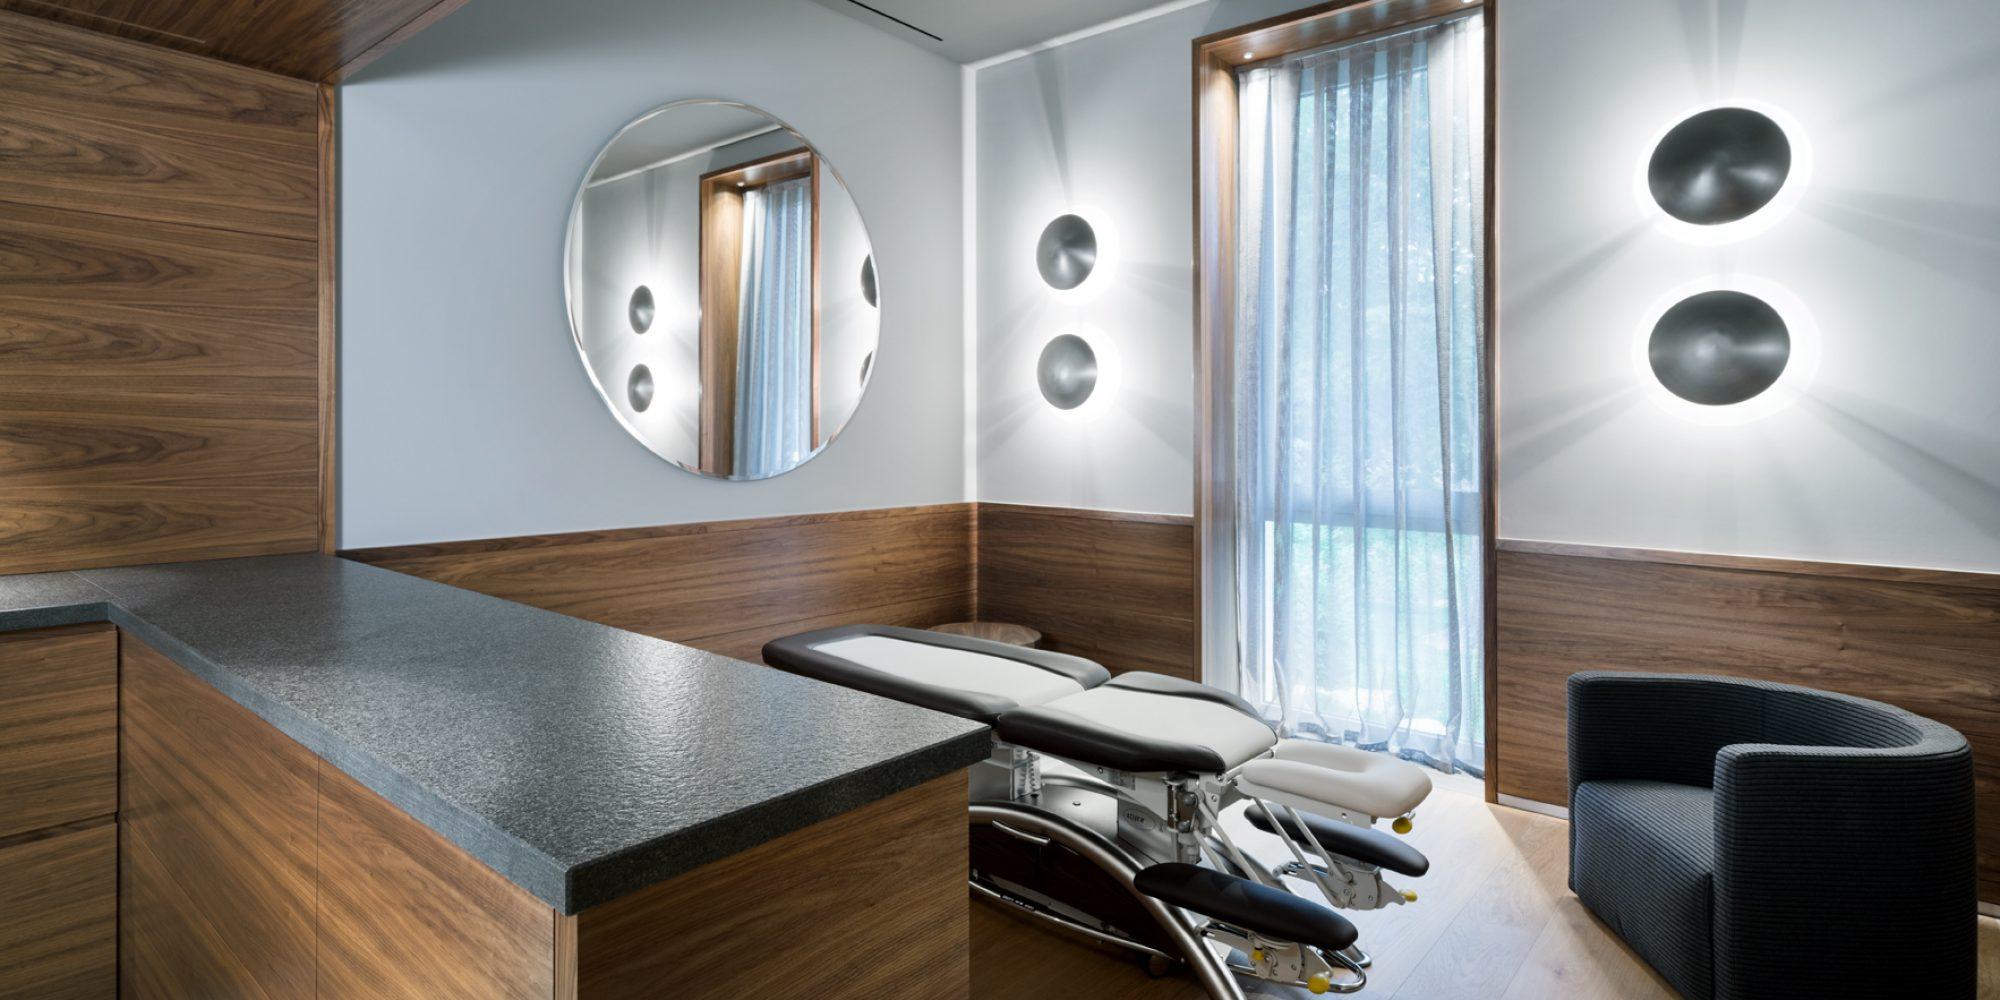 12-villa privata Mosca- Raboni architetti-pollice Illuminazione